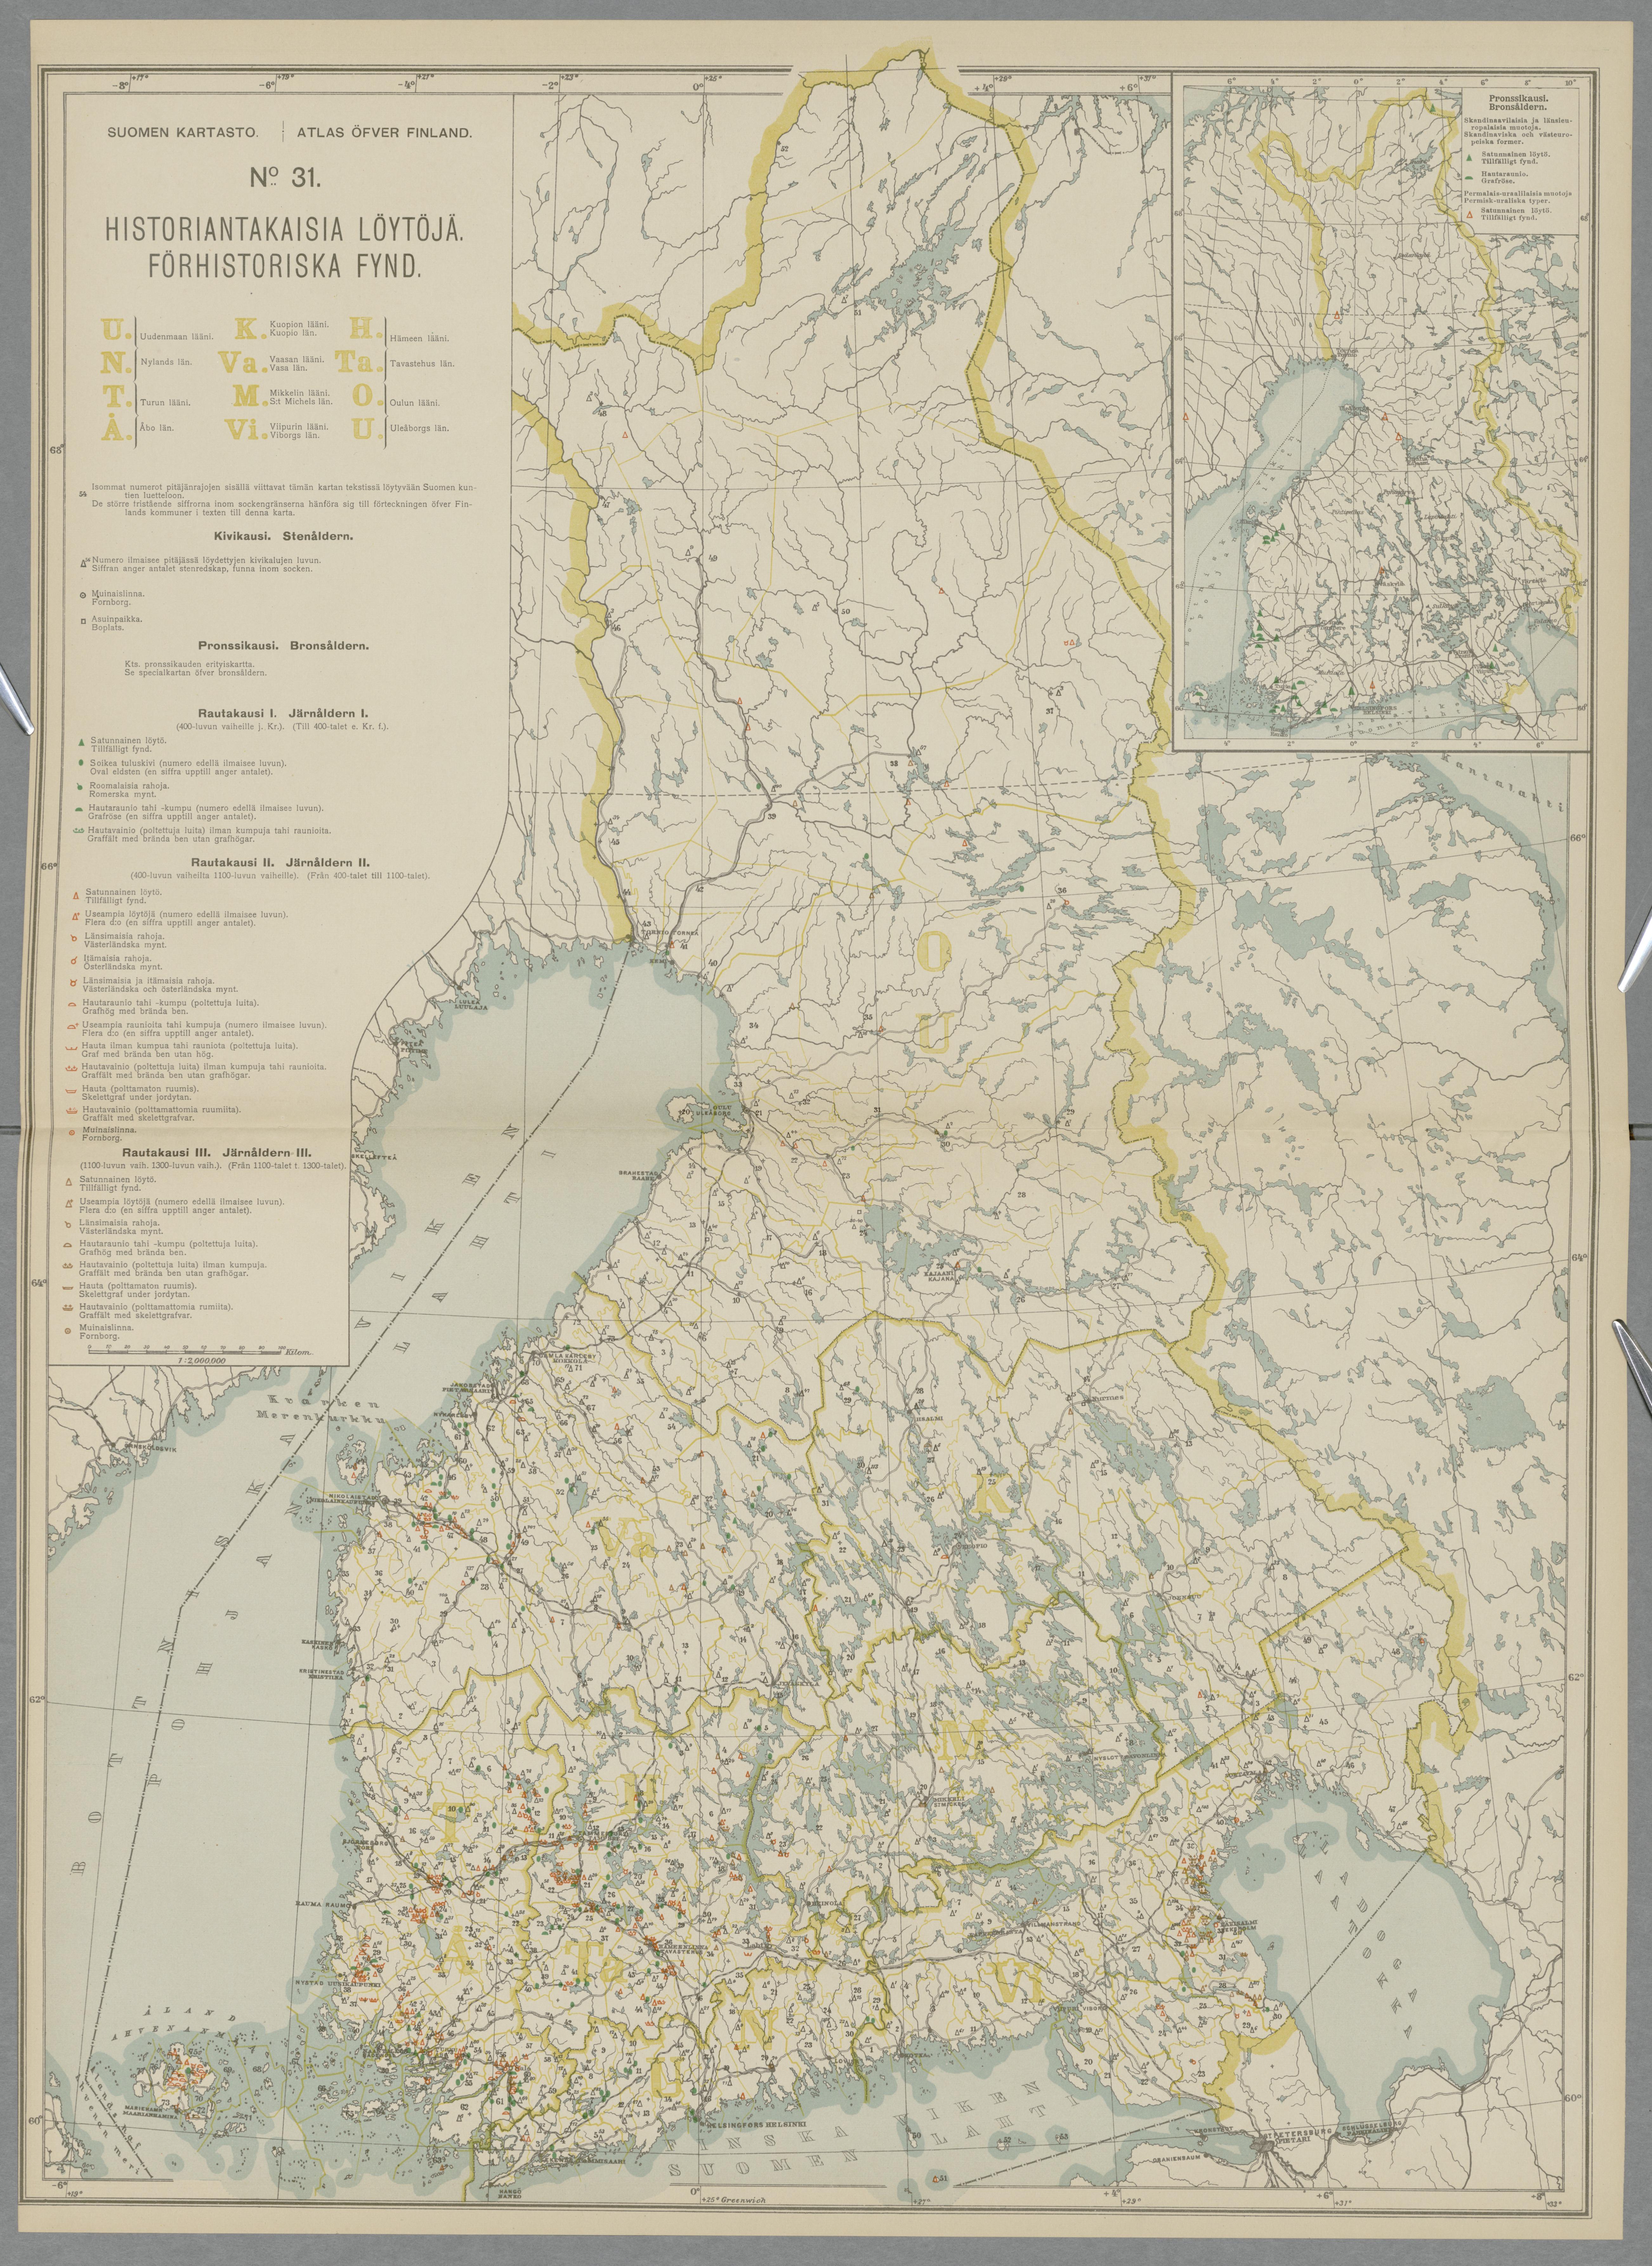 Kartasto Suomi